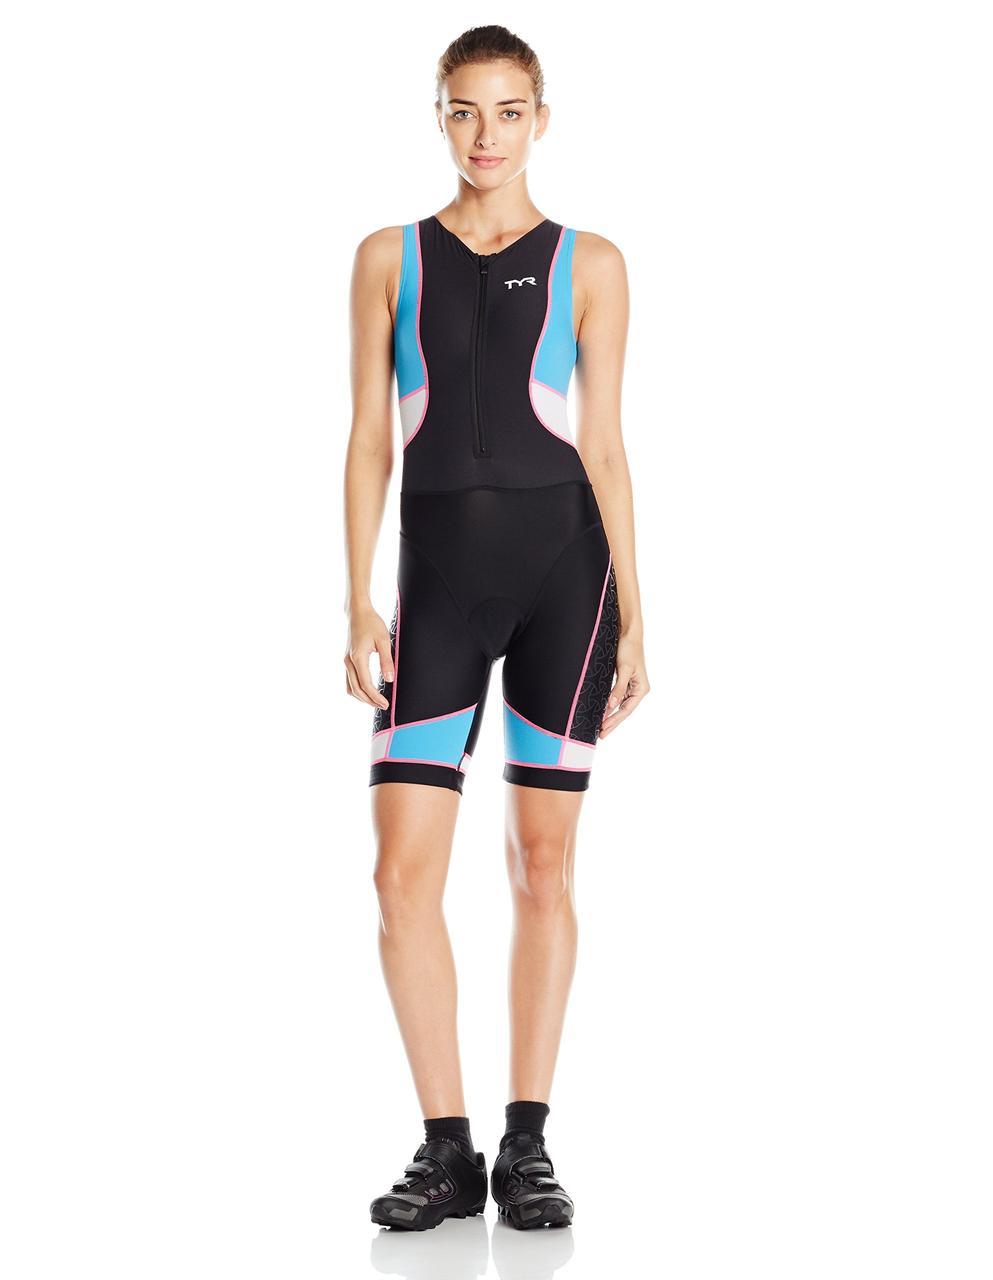 Слитный стартовый костюм без рукавов с молнией спереди TYR Competitor Front Zip Tri Suit W/ Pad